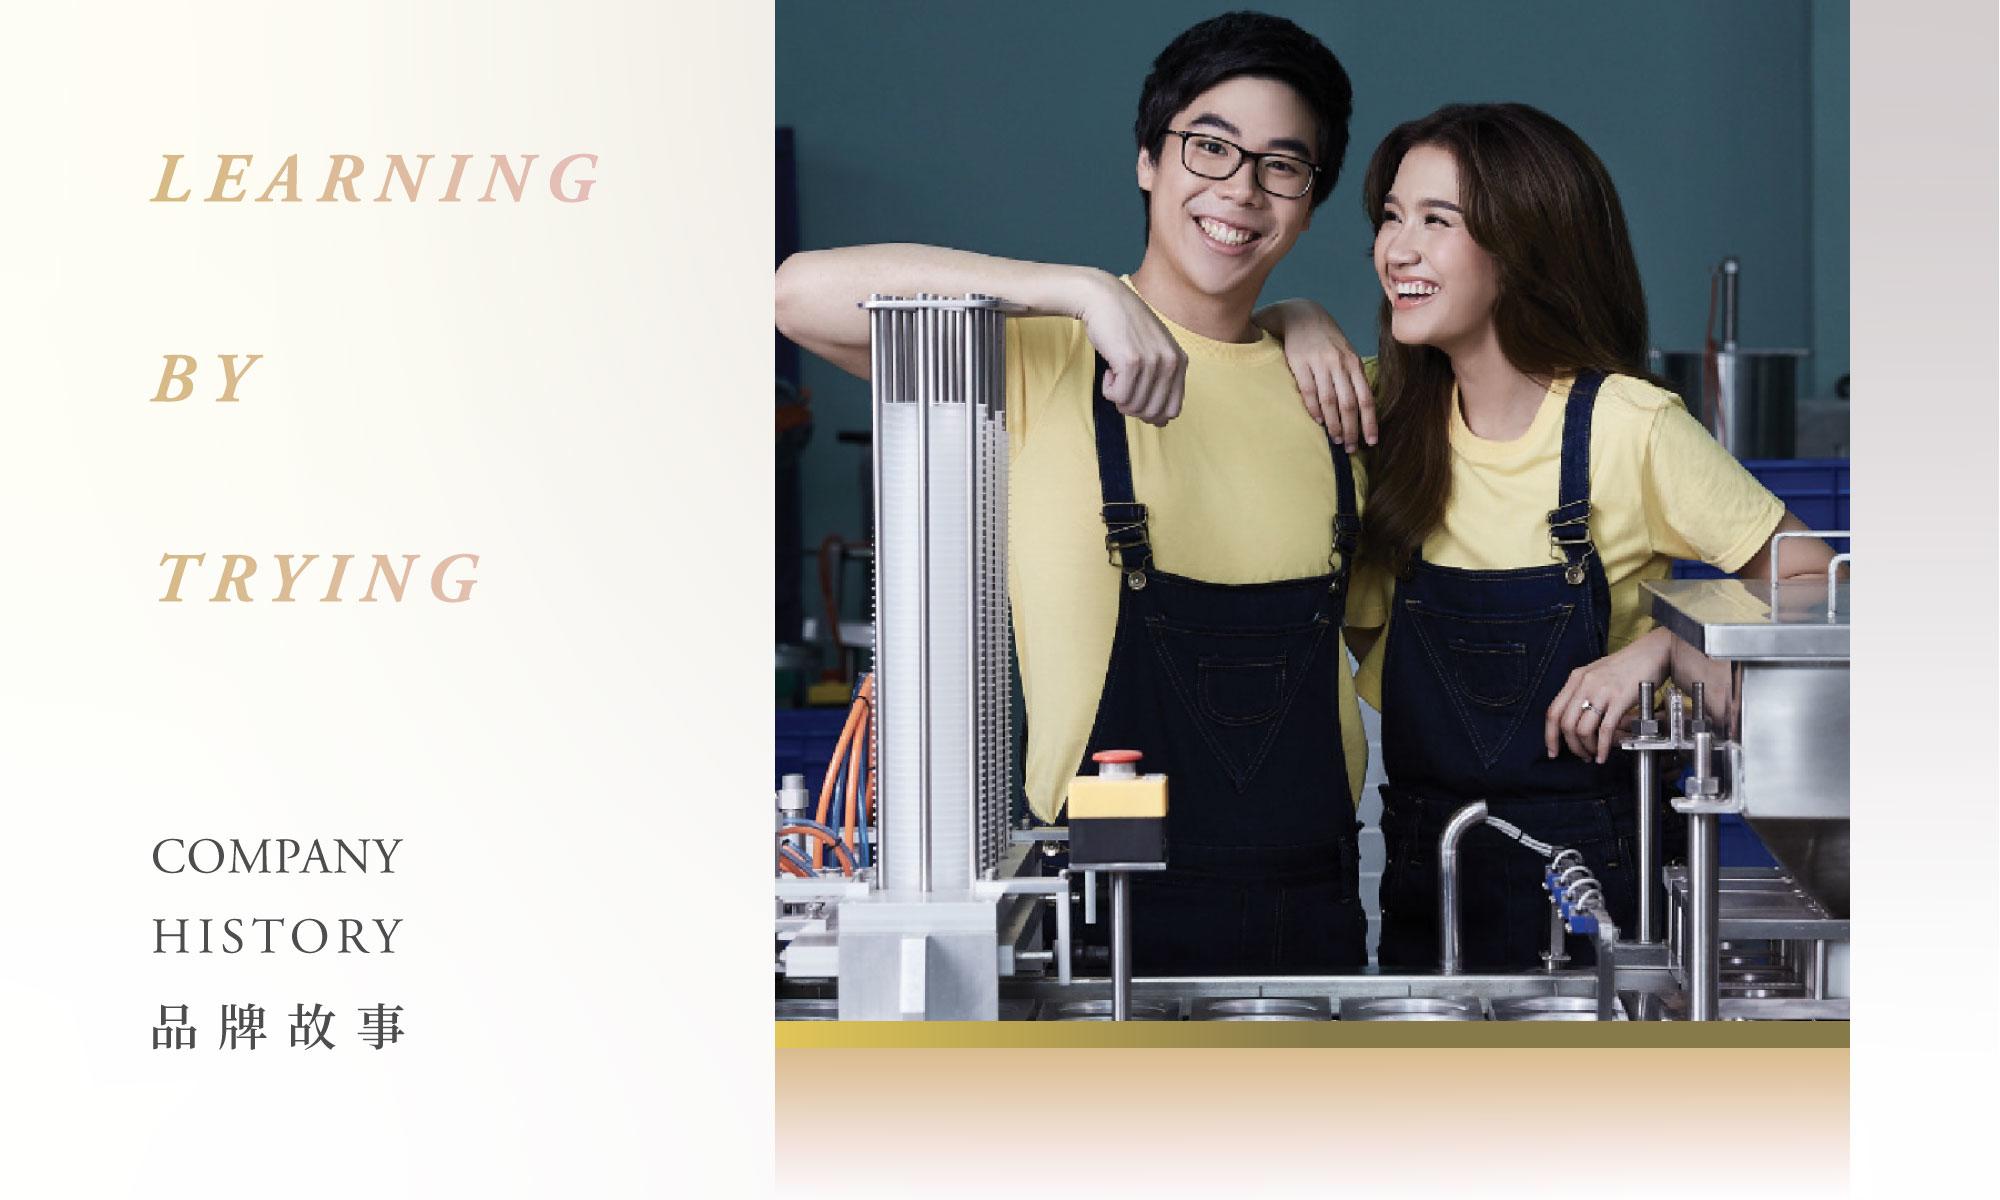 Diamond Grains 燕麥穀脆片 泰國銷售第一穀麥品牌 品牌故事